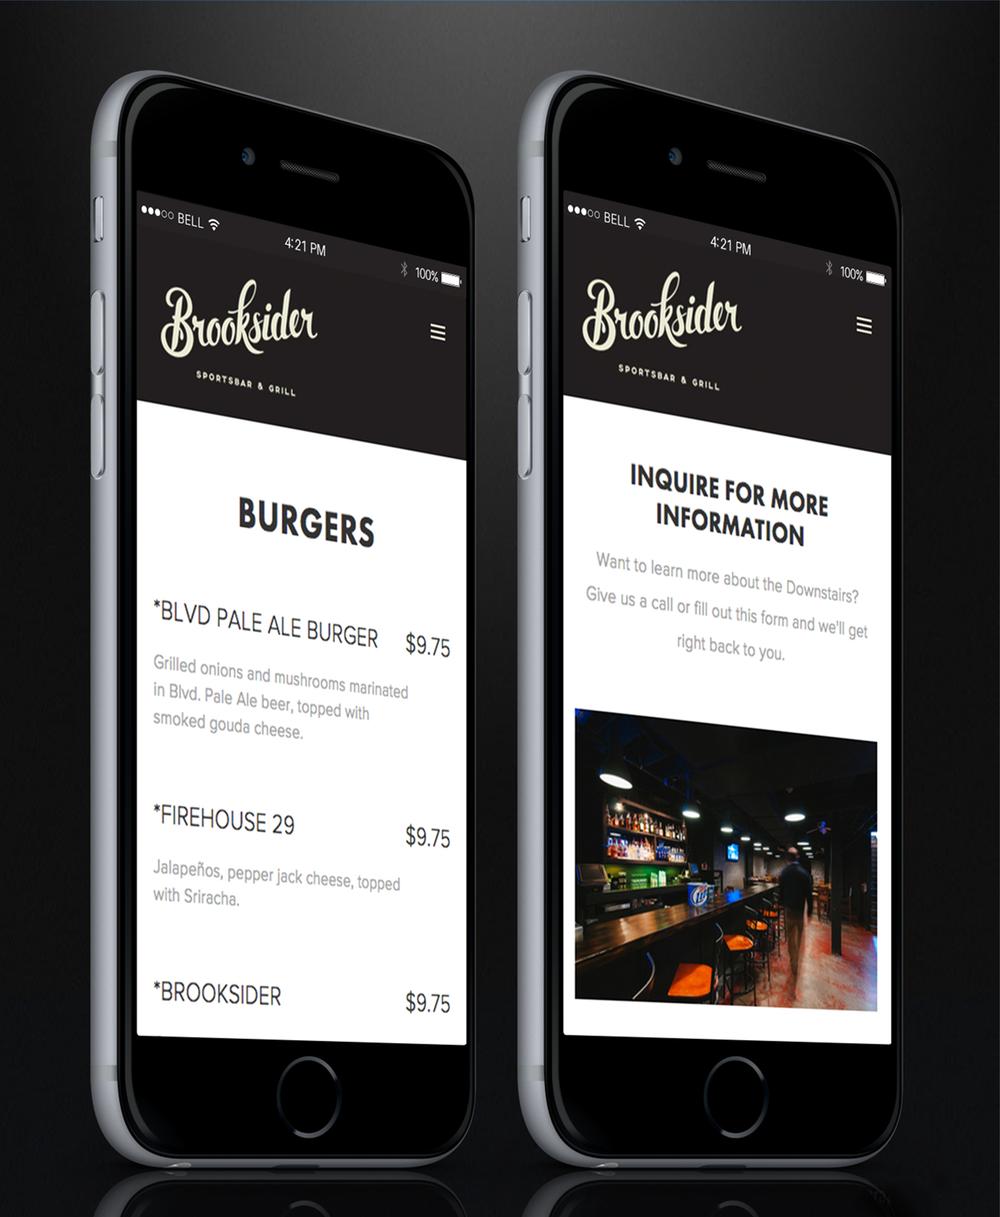 brooksider_app.jpg